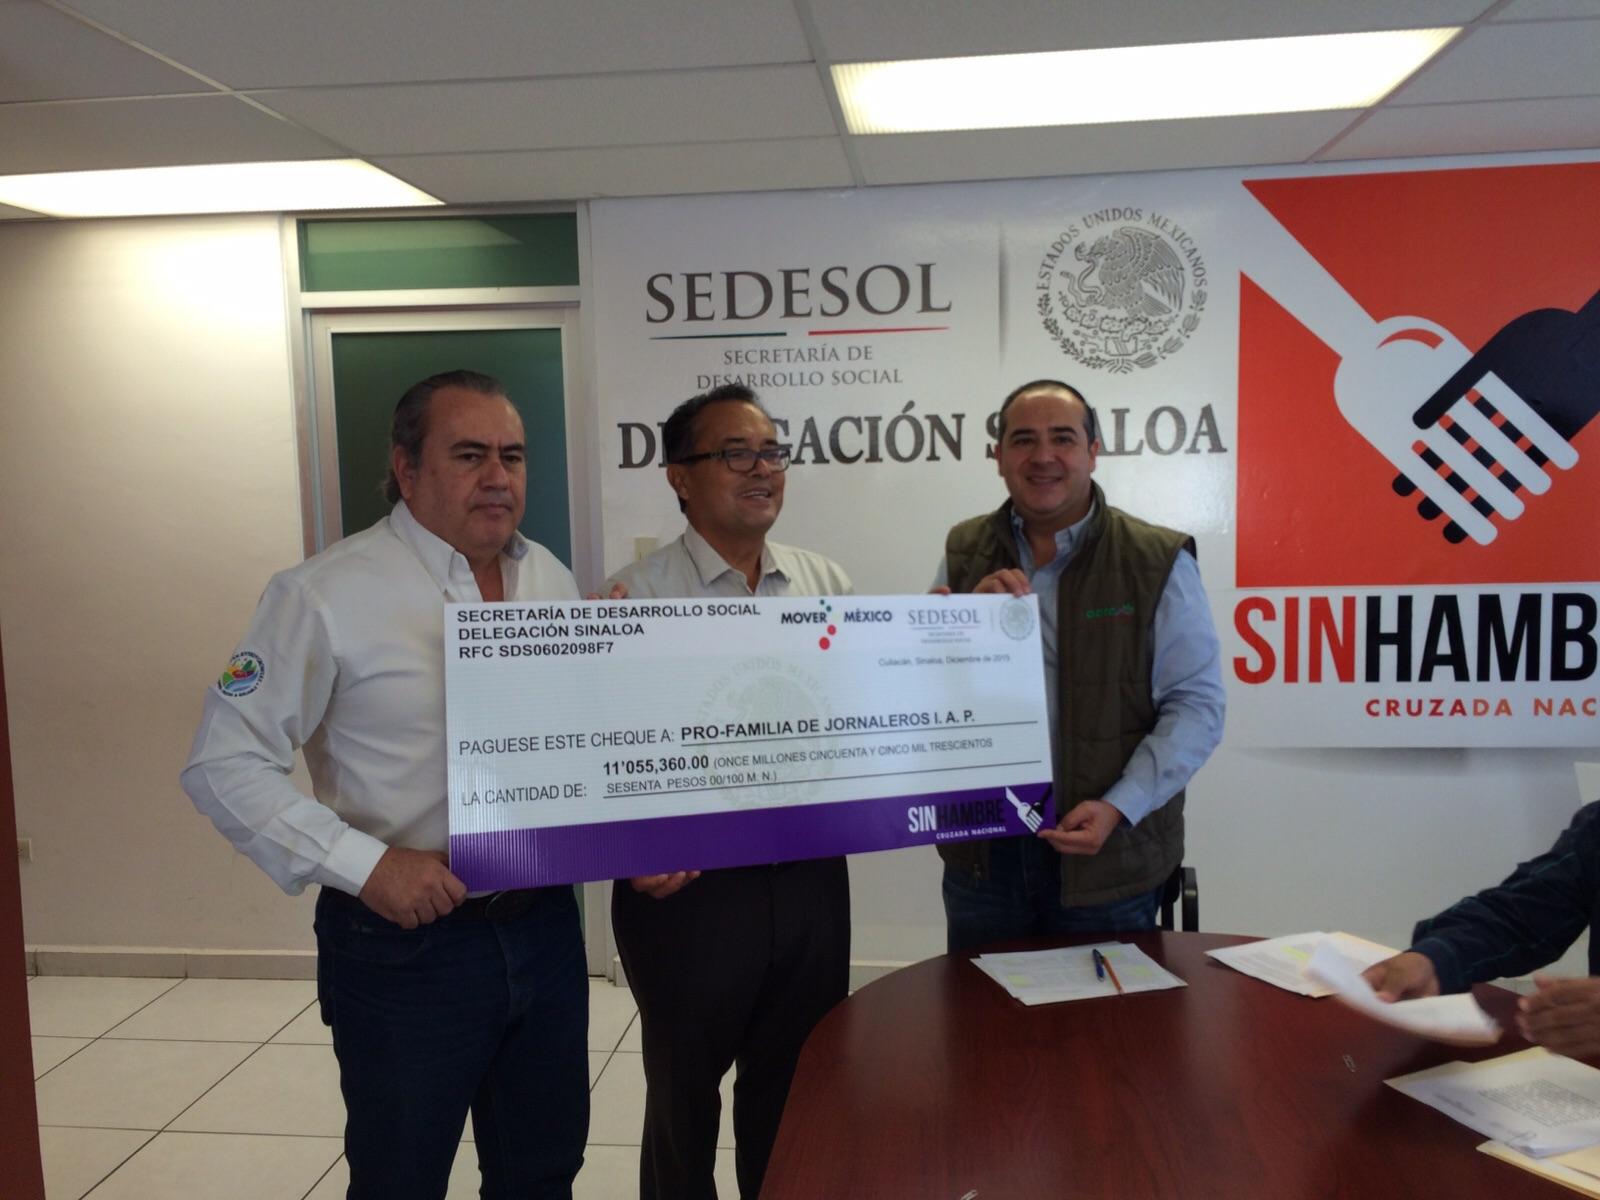 SEDESOL apoya a Profamilia de Jornaleros, I.A.P.